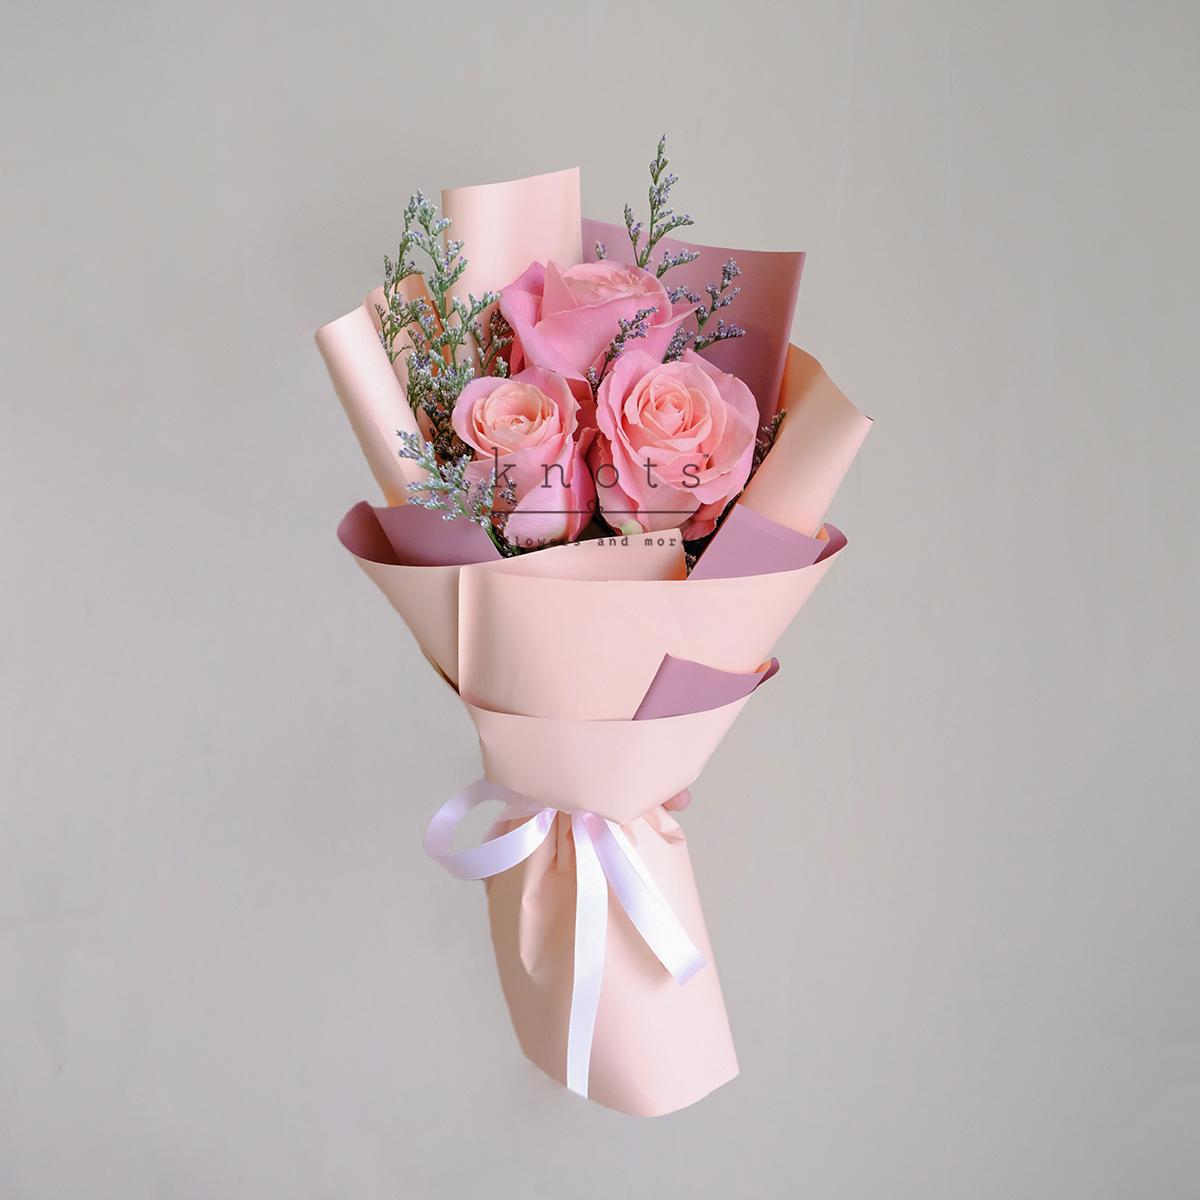 Reticent Demure (Pink Ecuadorian Roses Bouquet)